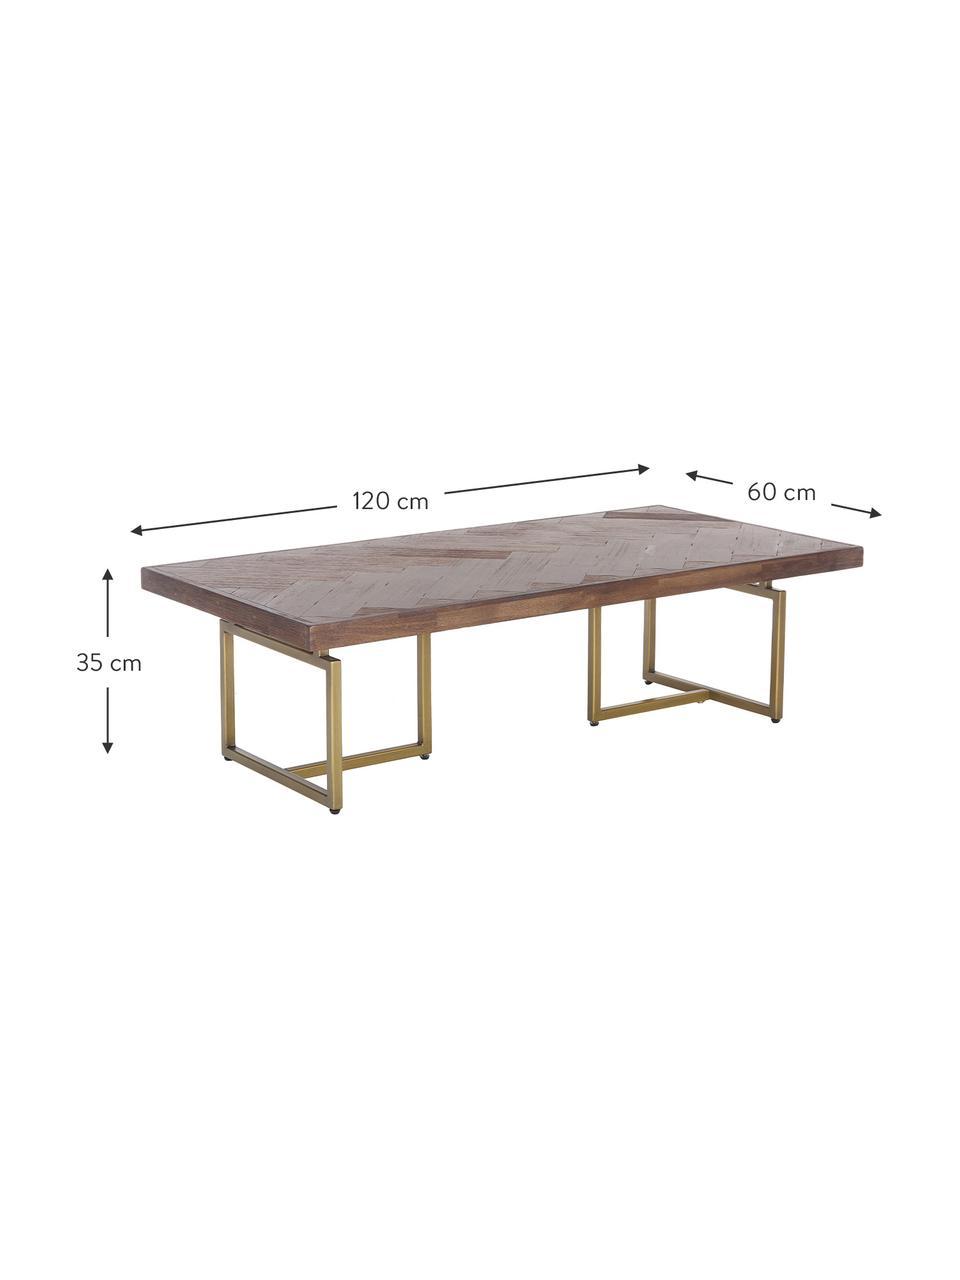 Fischgrät-Couchtisch Class mit Akazienholzfurnier, Tischplatte: Mitteldichte Holzfaserpla, Beine: Stahl, beschichtet, Akazienholz, Messingfarben, 120 x 35 cm